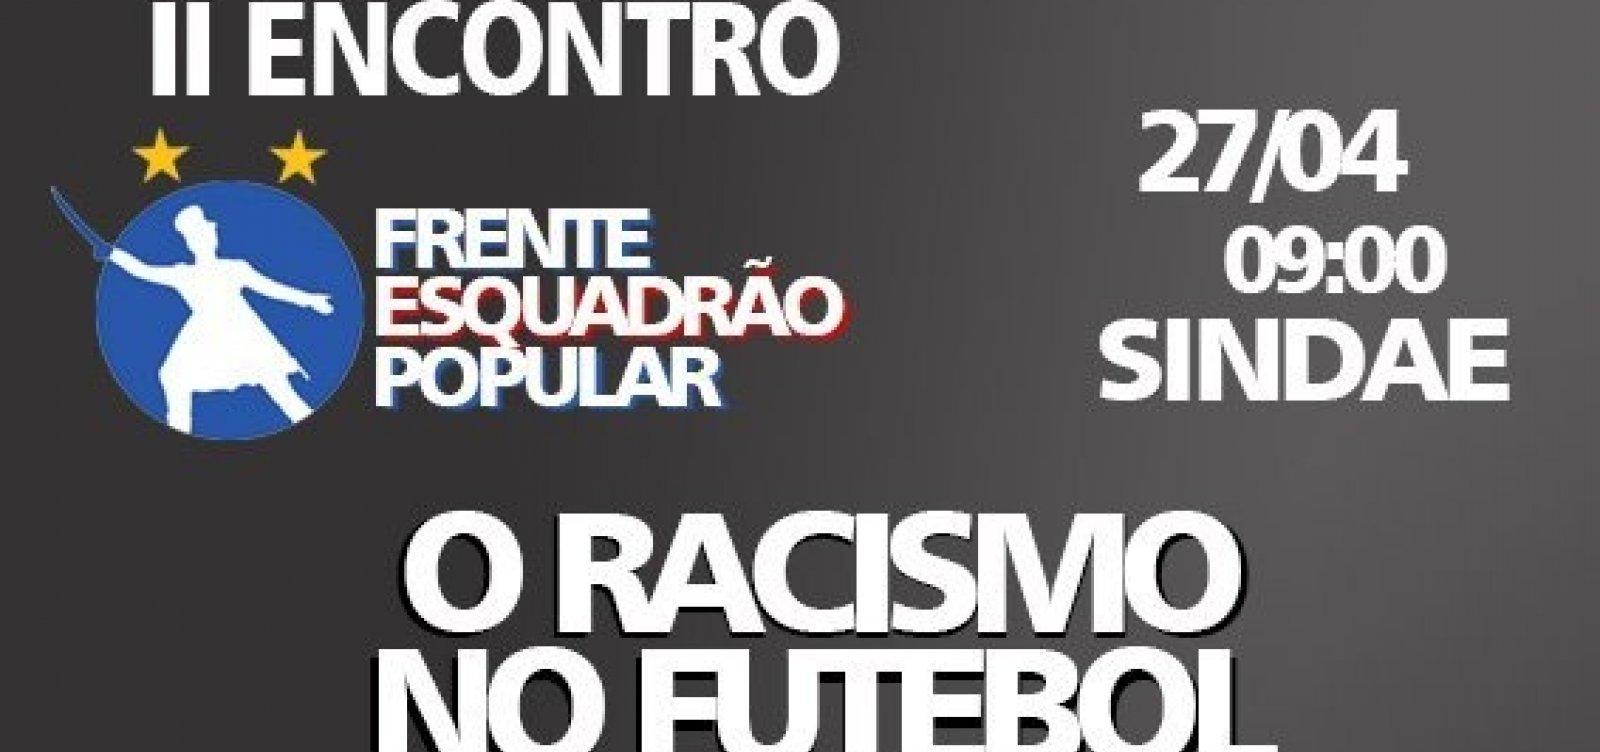 Frente Esquadrão Popular fará evento para discutir o racismo no futebol brasileiro